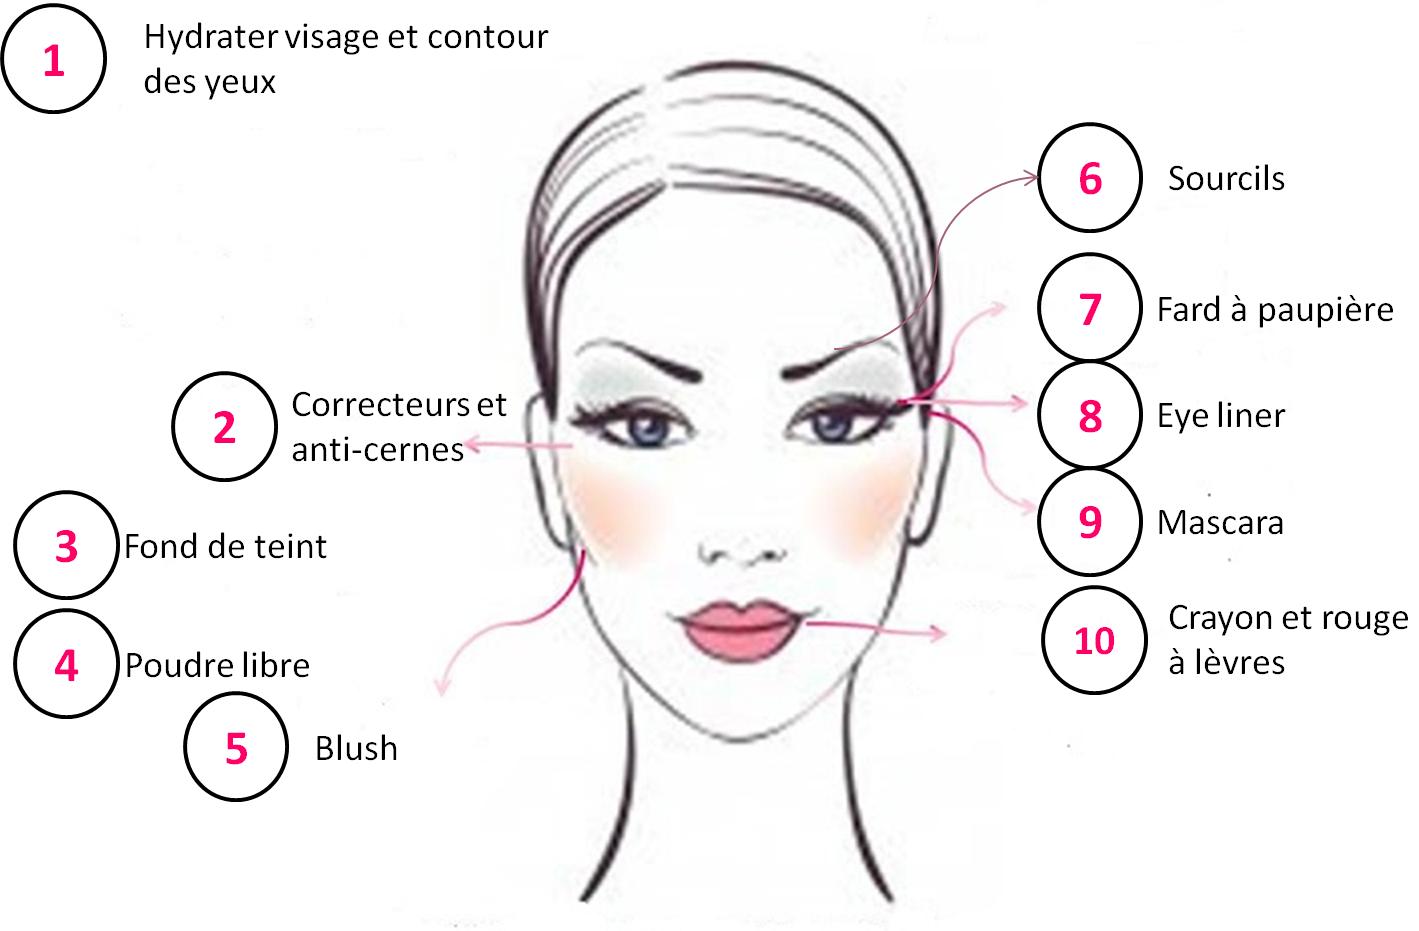 Favori Les étapes d'un maquillage réussi / VENUS MAG RA15